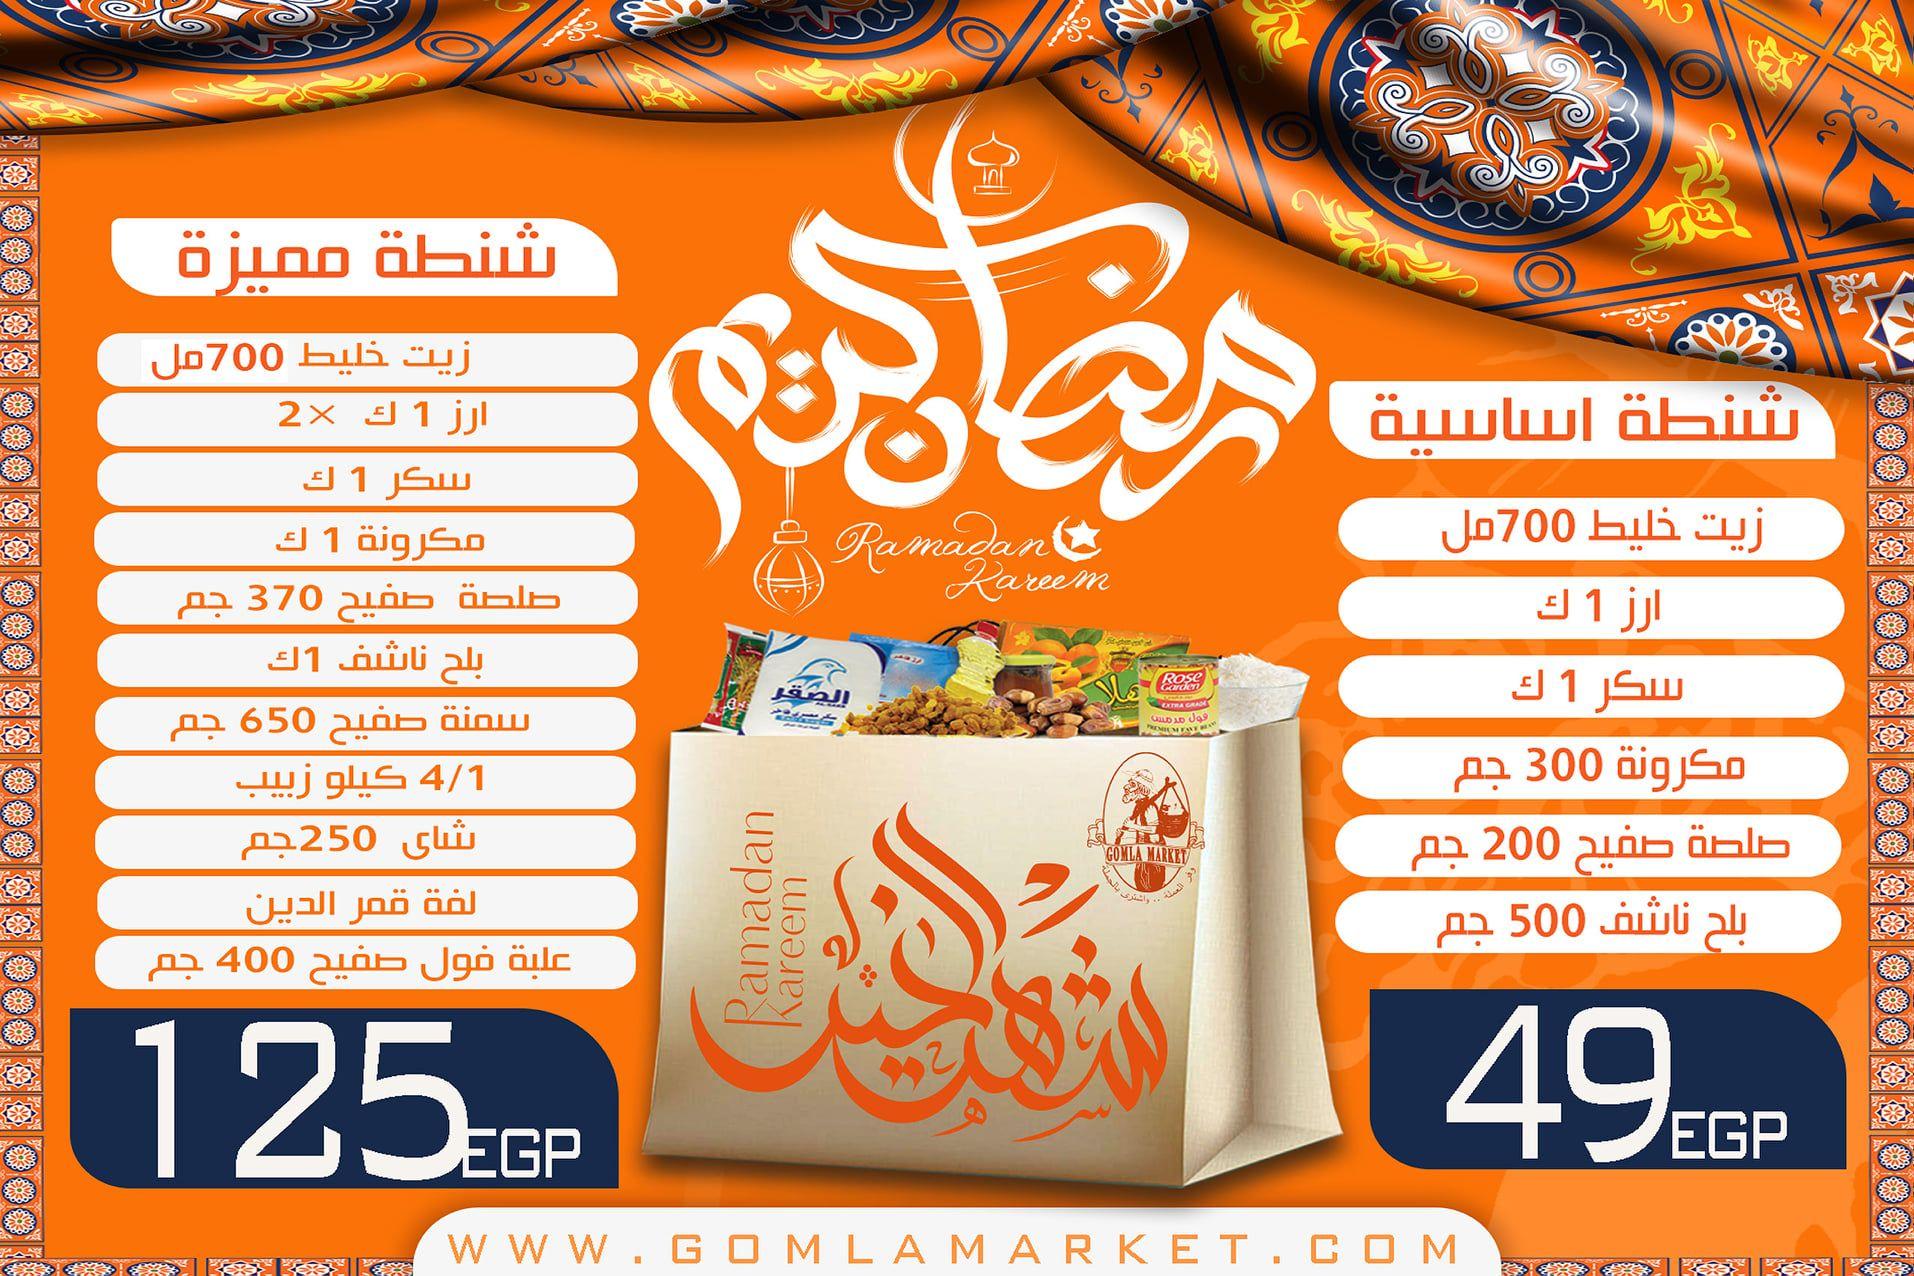 عروض كرتونة رمضان 2021 فى فتح الله